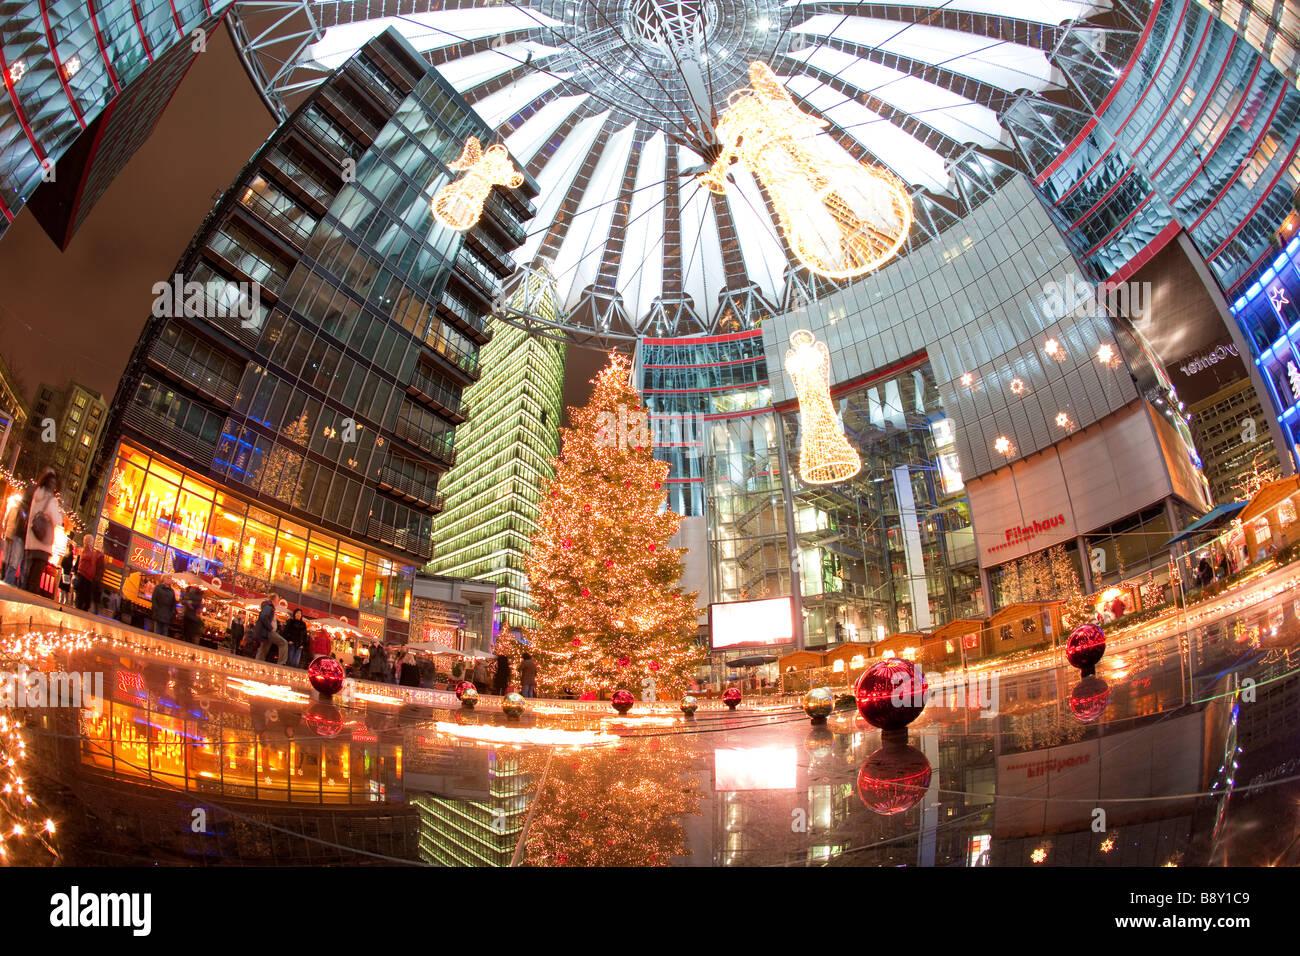 Sony Center am Potsdamer Platz Berlin Deutschland Weihnachten Stockbild